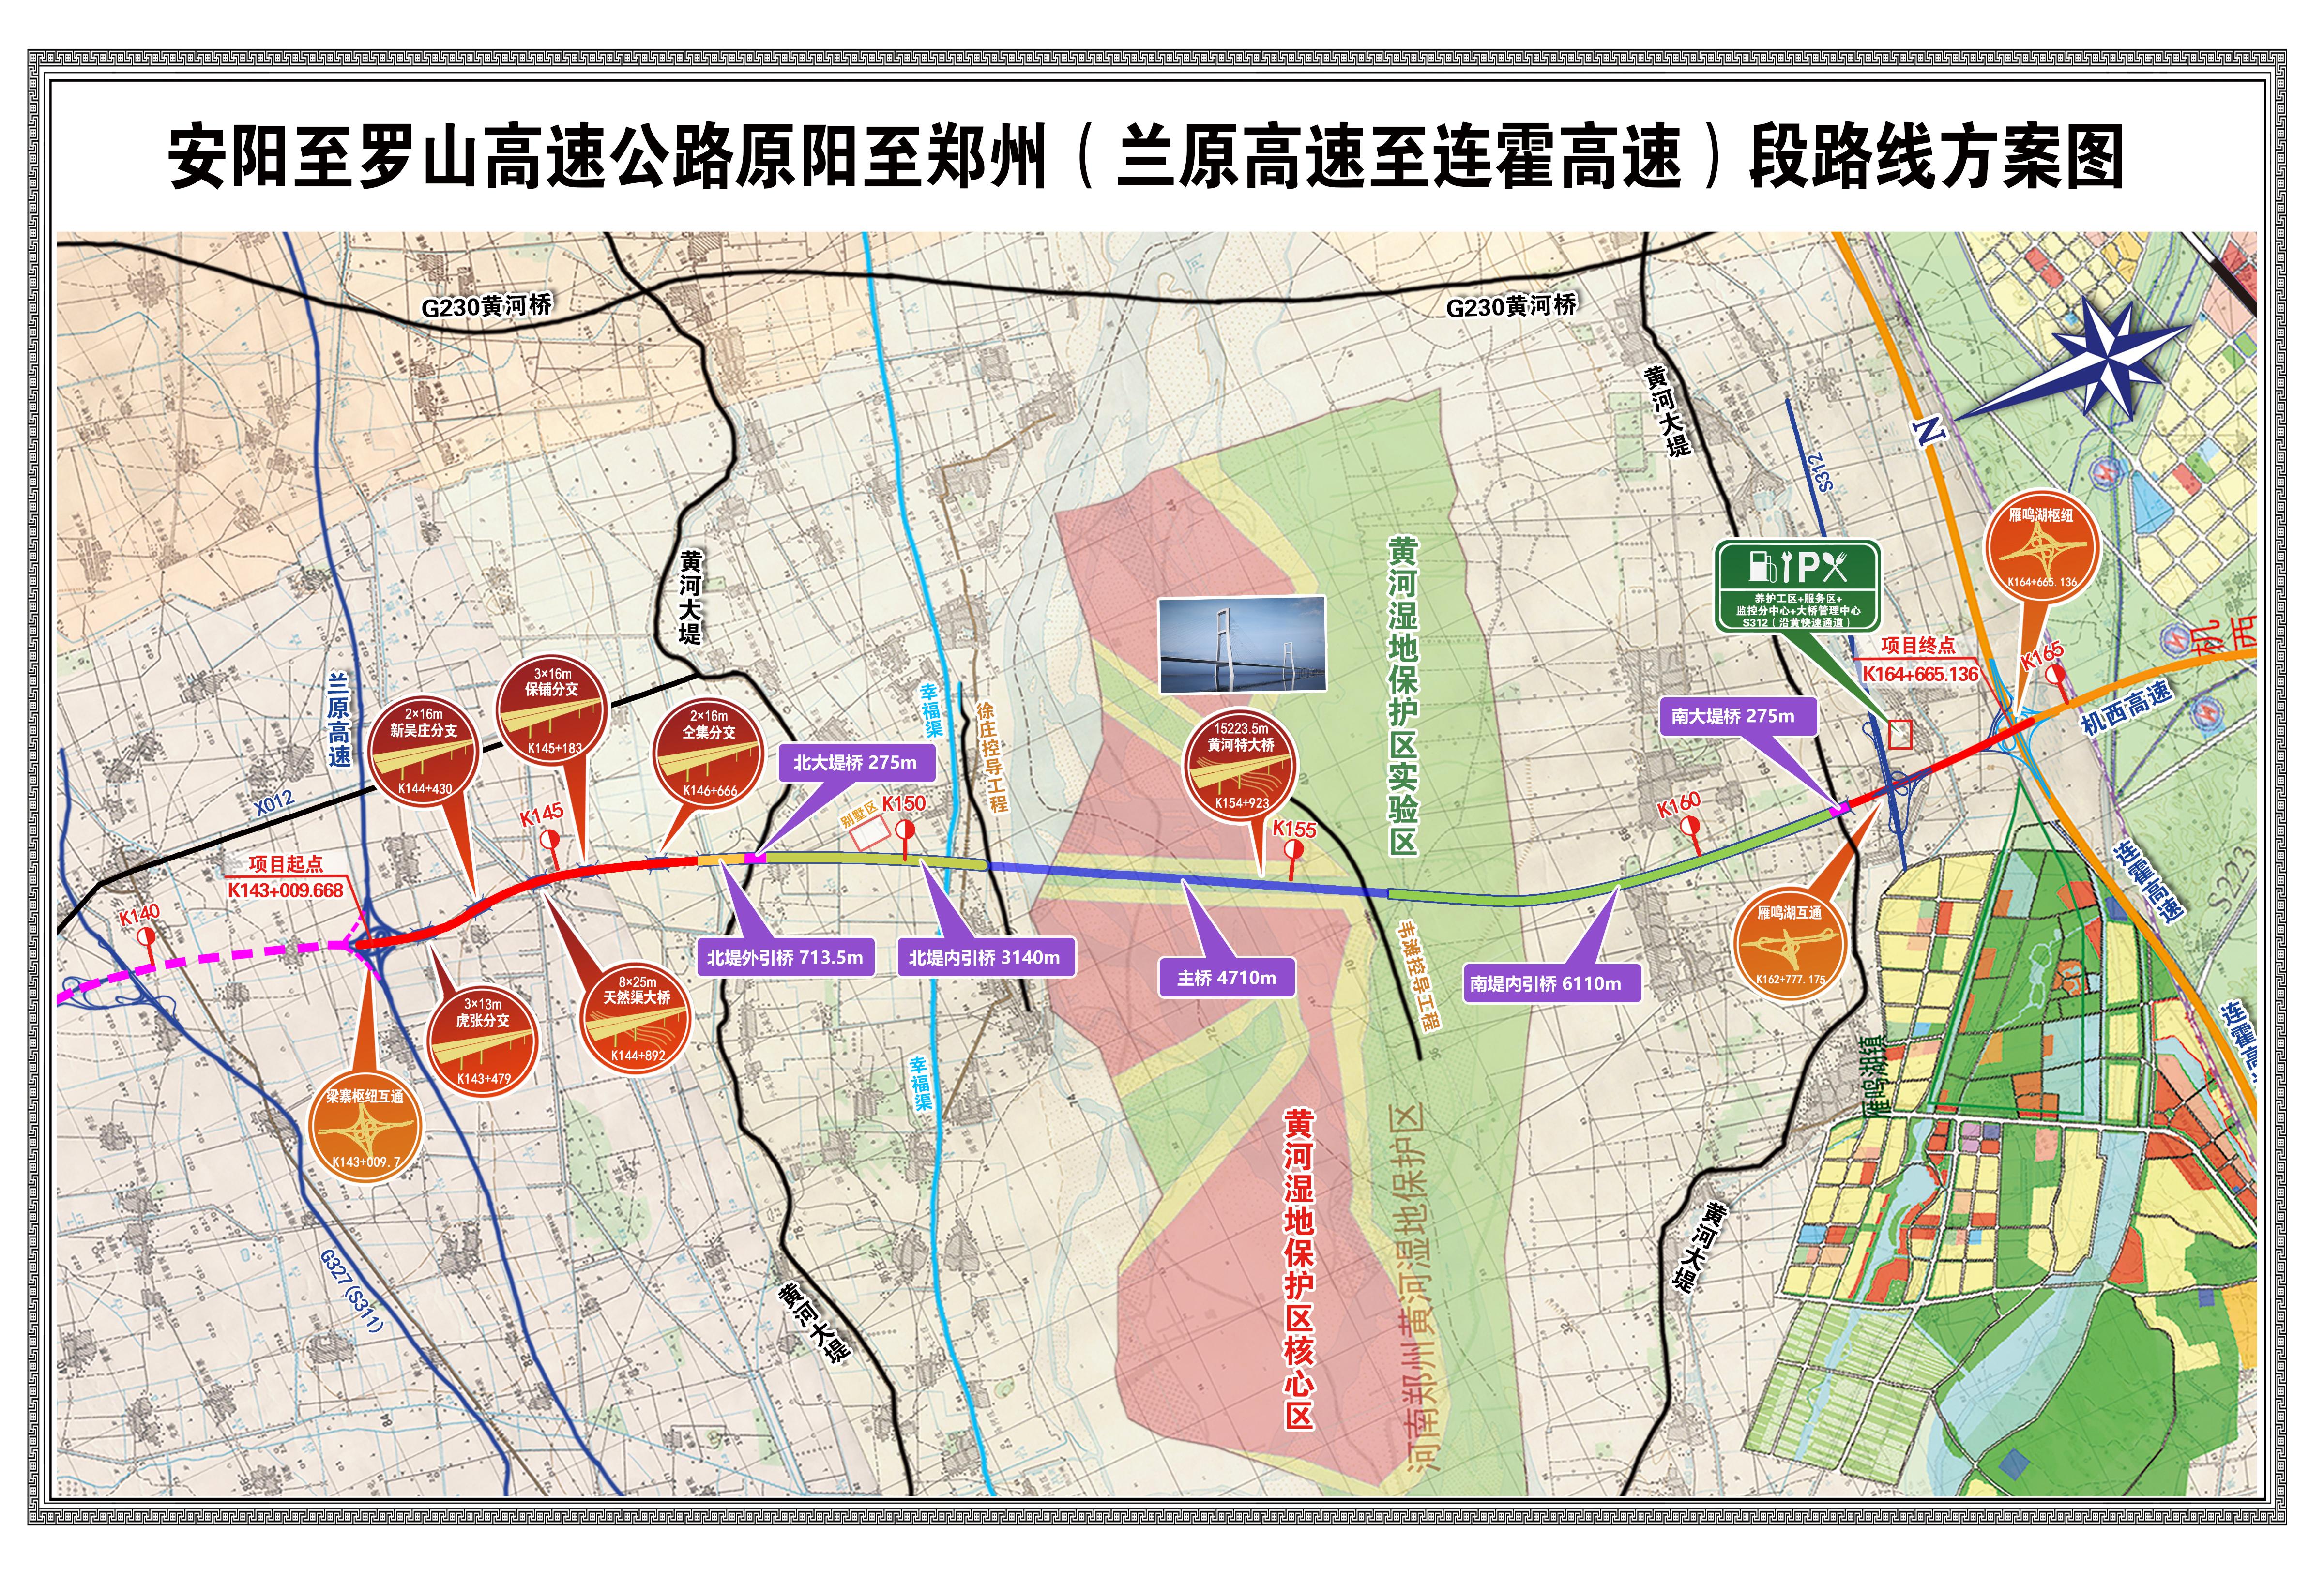 安罗高速原阳至郑州段开工 将打造郑州第二绕城高速计划2025年建成通车_中原网视台